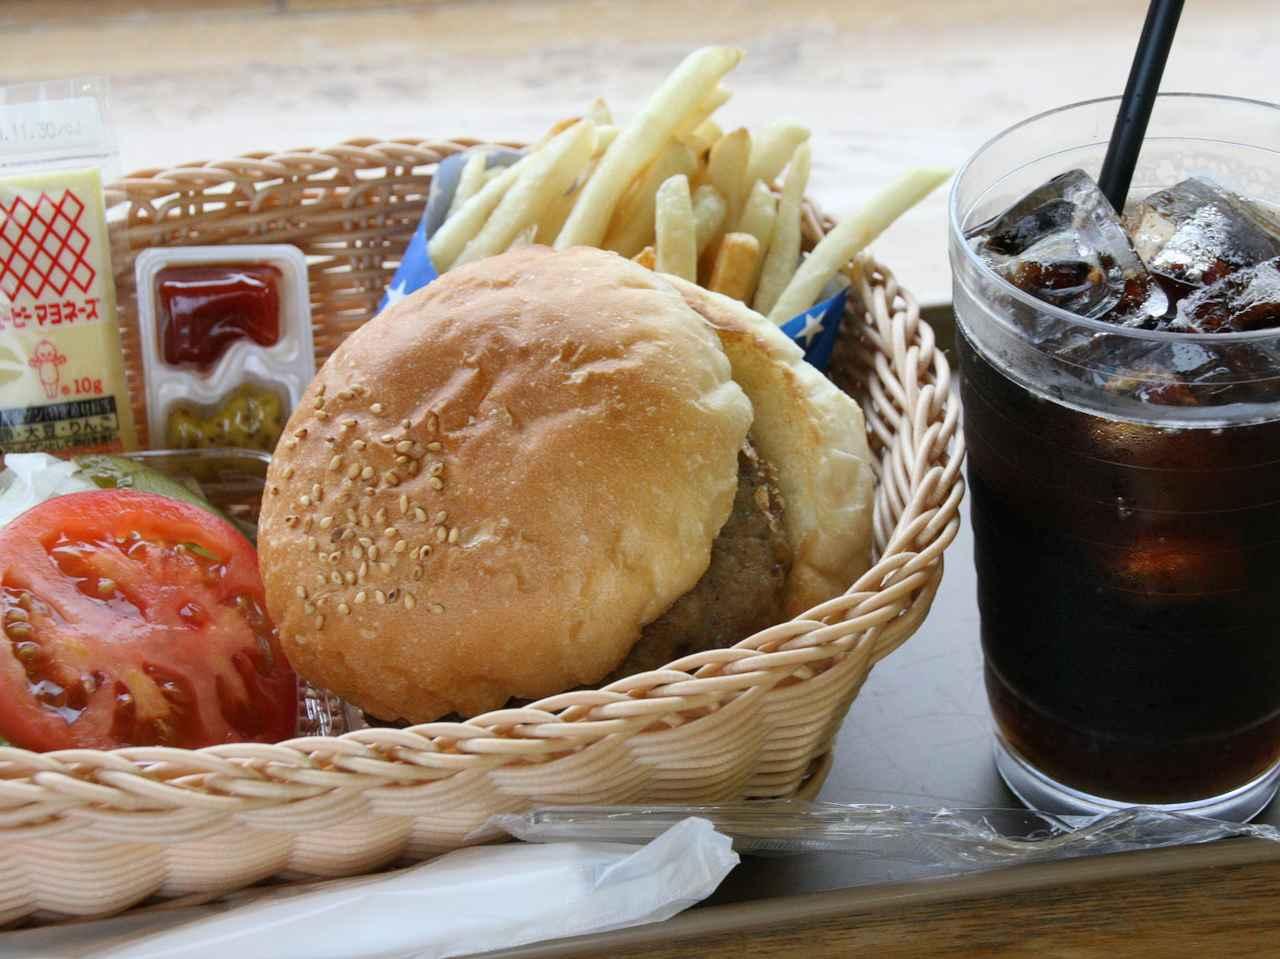 画像: 三沢エアフォースバーガー セット 650円。ポテトもBIGサイズで食べ応えあり